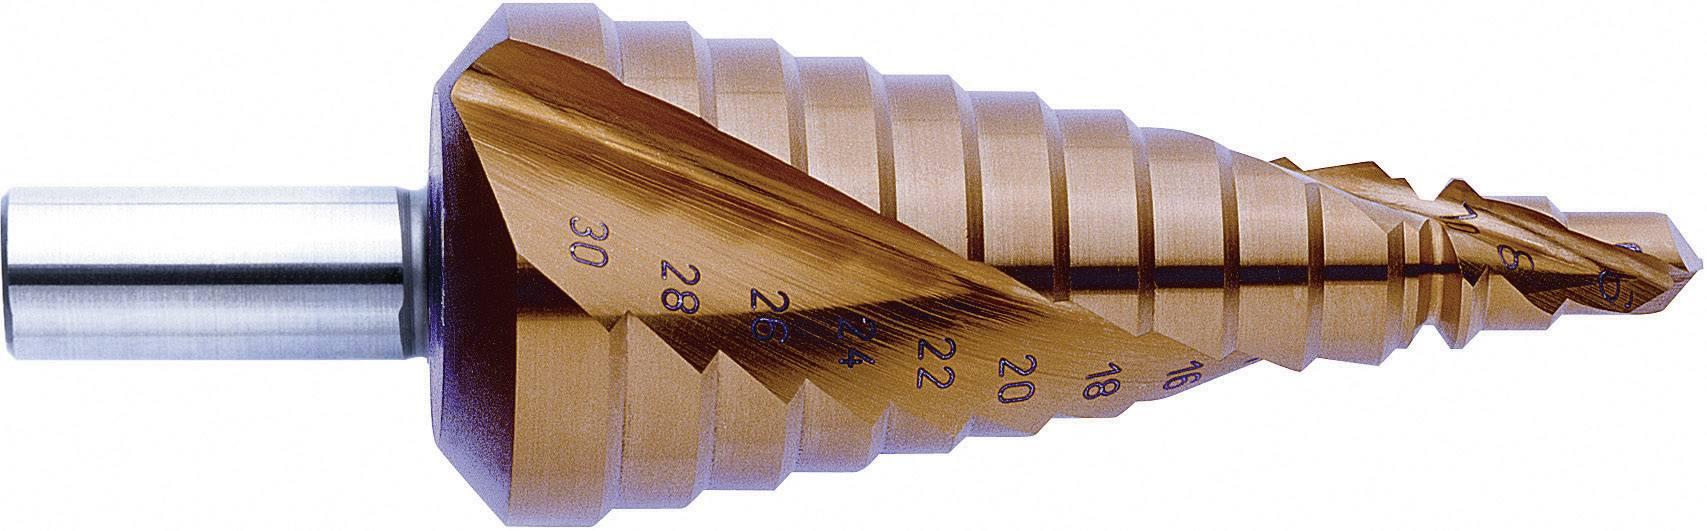 HSS stupňovitý vrták Exact 07011, 4 - 12 mm, TiN, kužeľový záhlbník, 1 ks